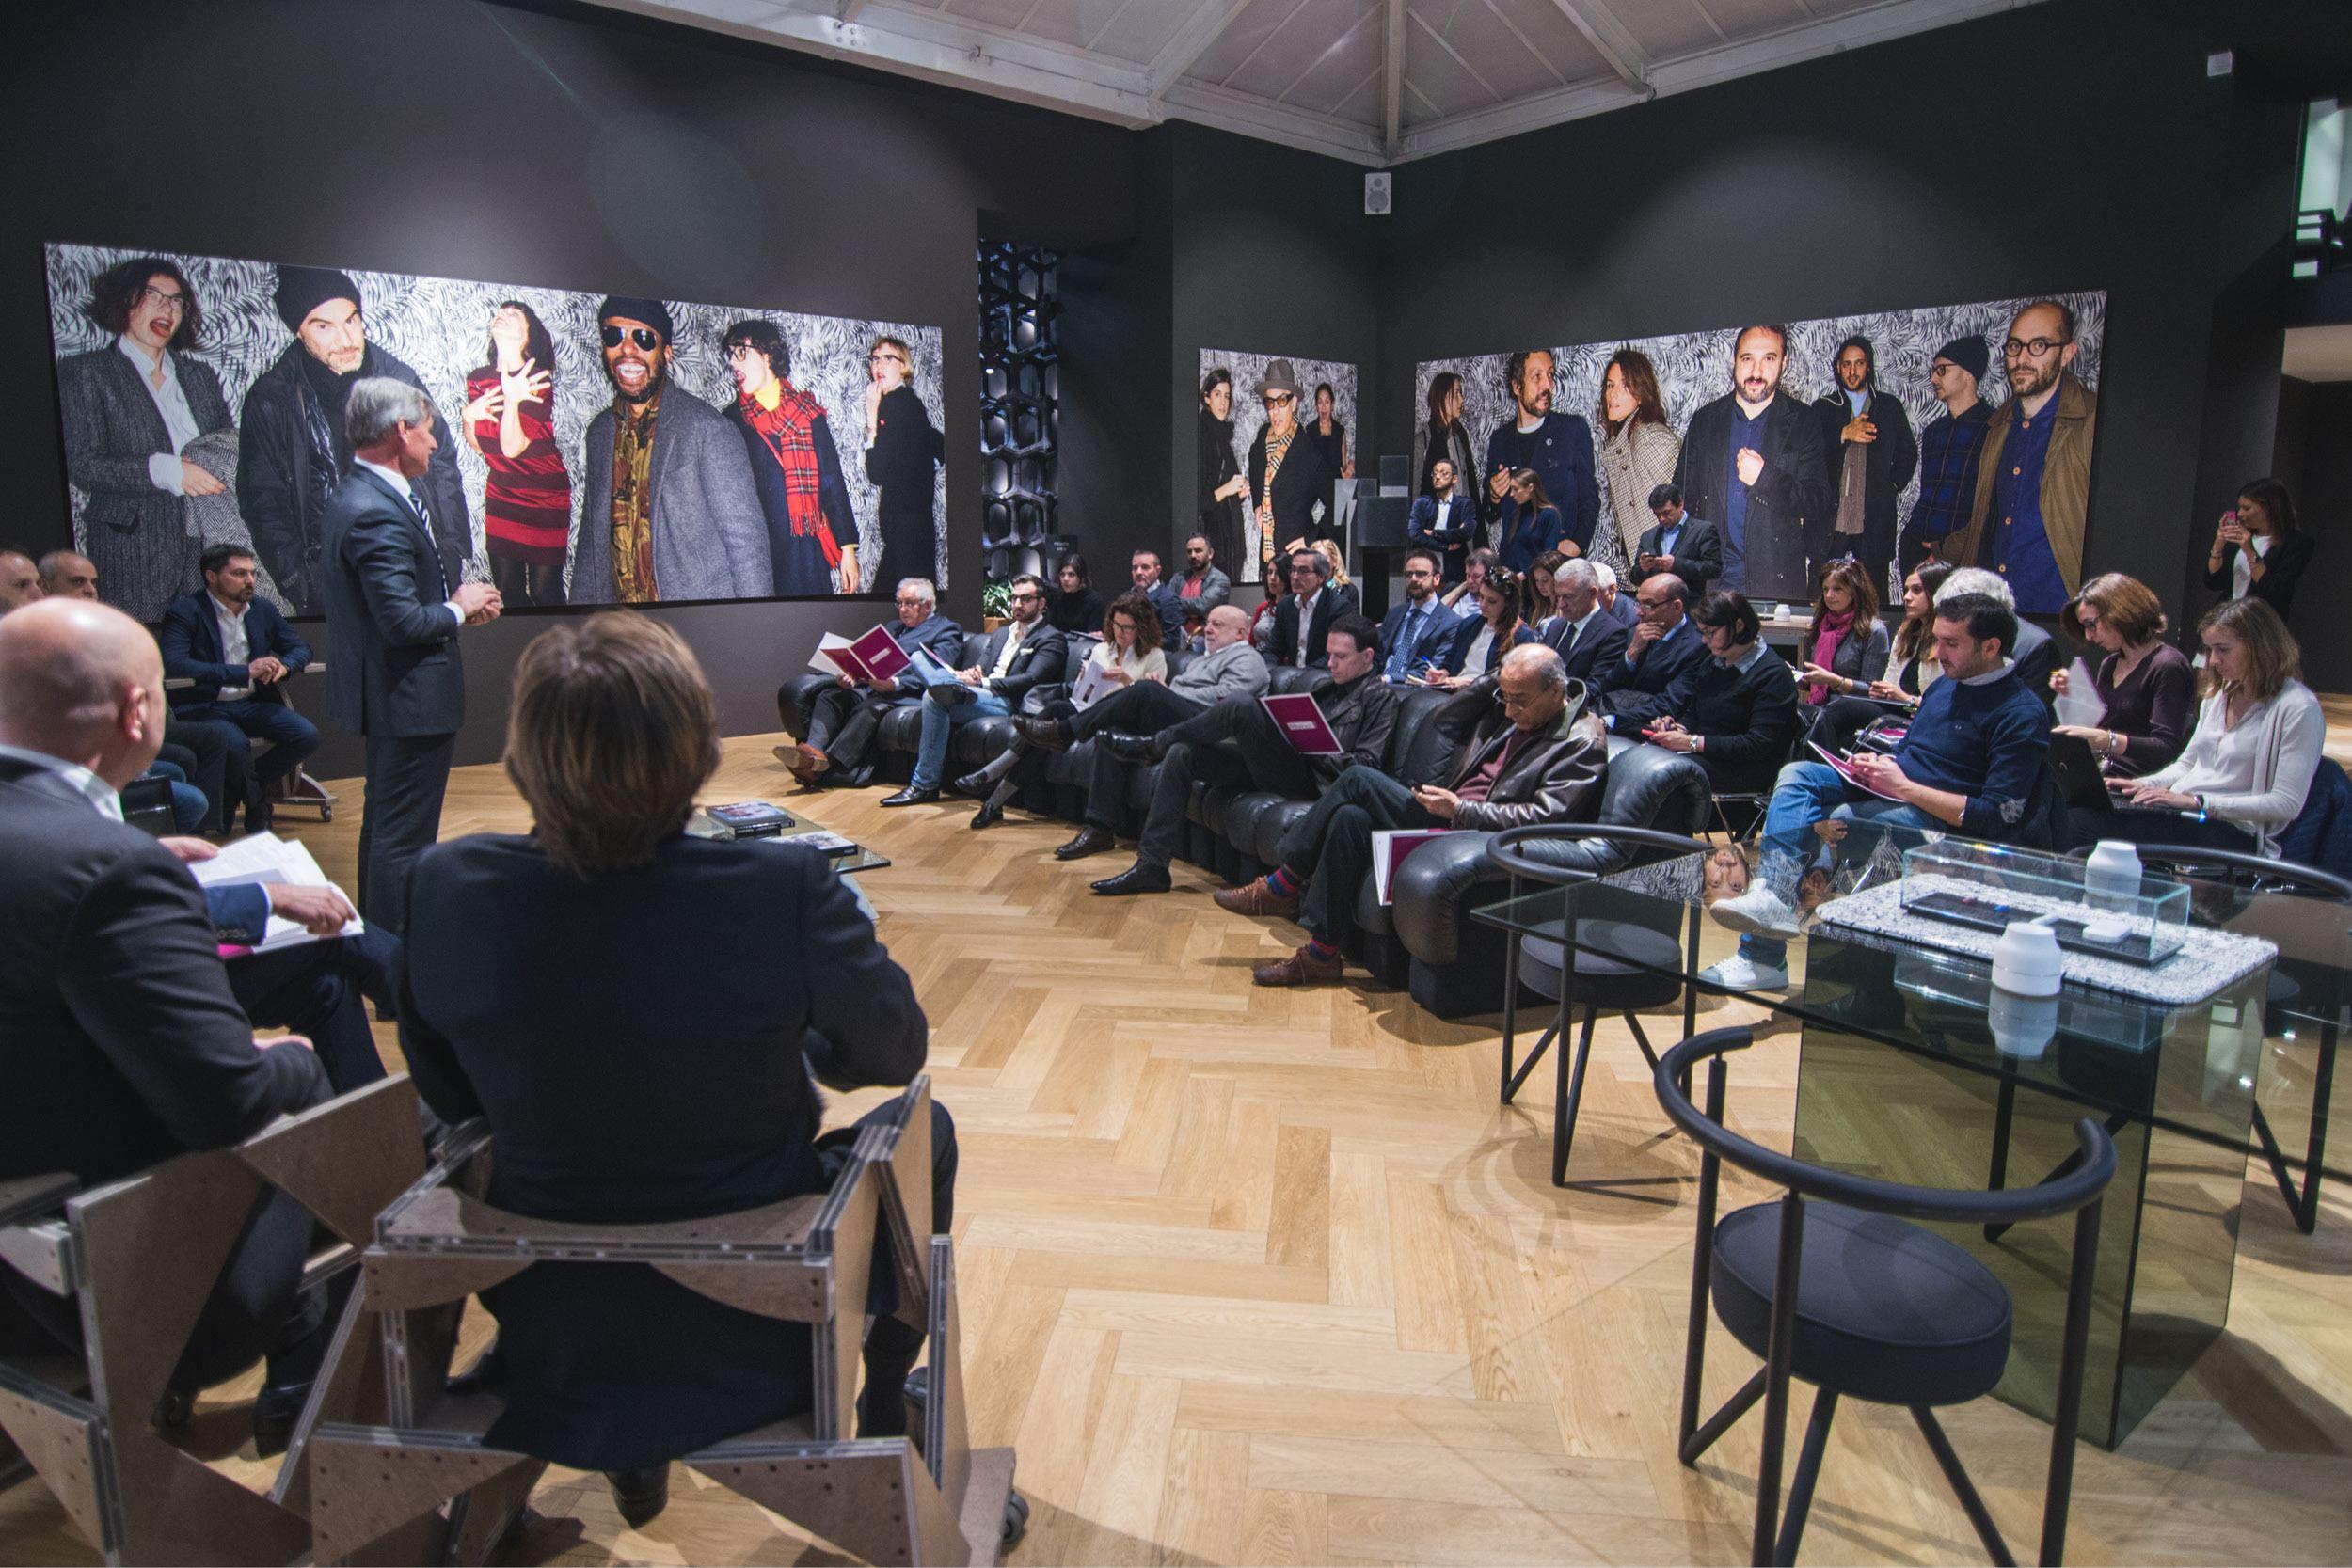 It4fashion archivi ufficio stampa a milano opinion leader for Ufficio stampa design milano